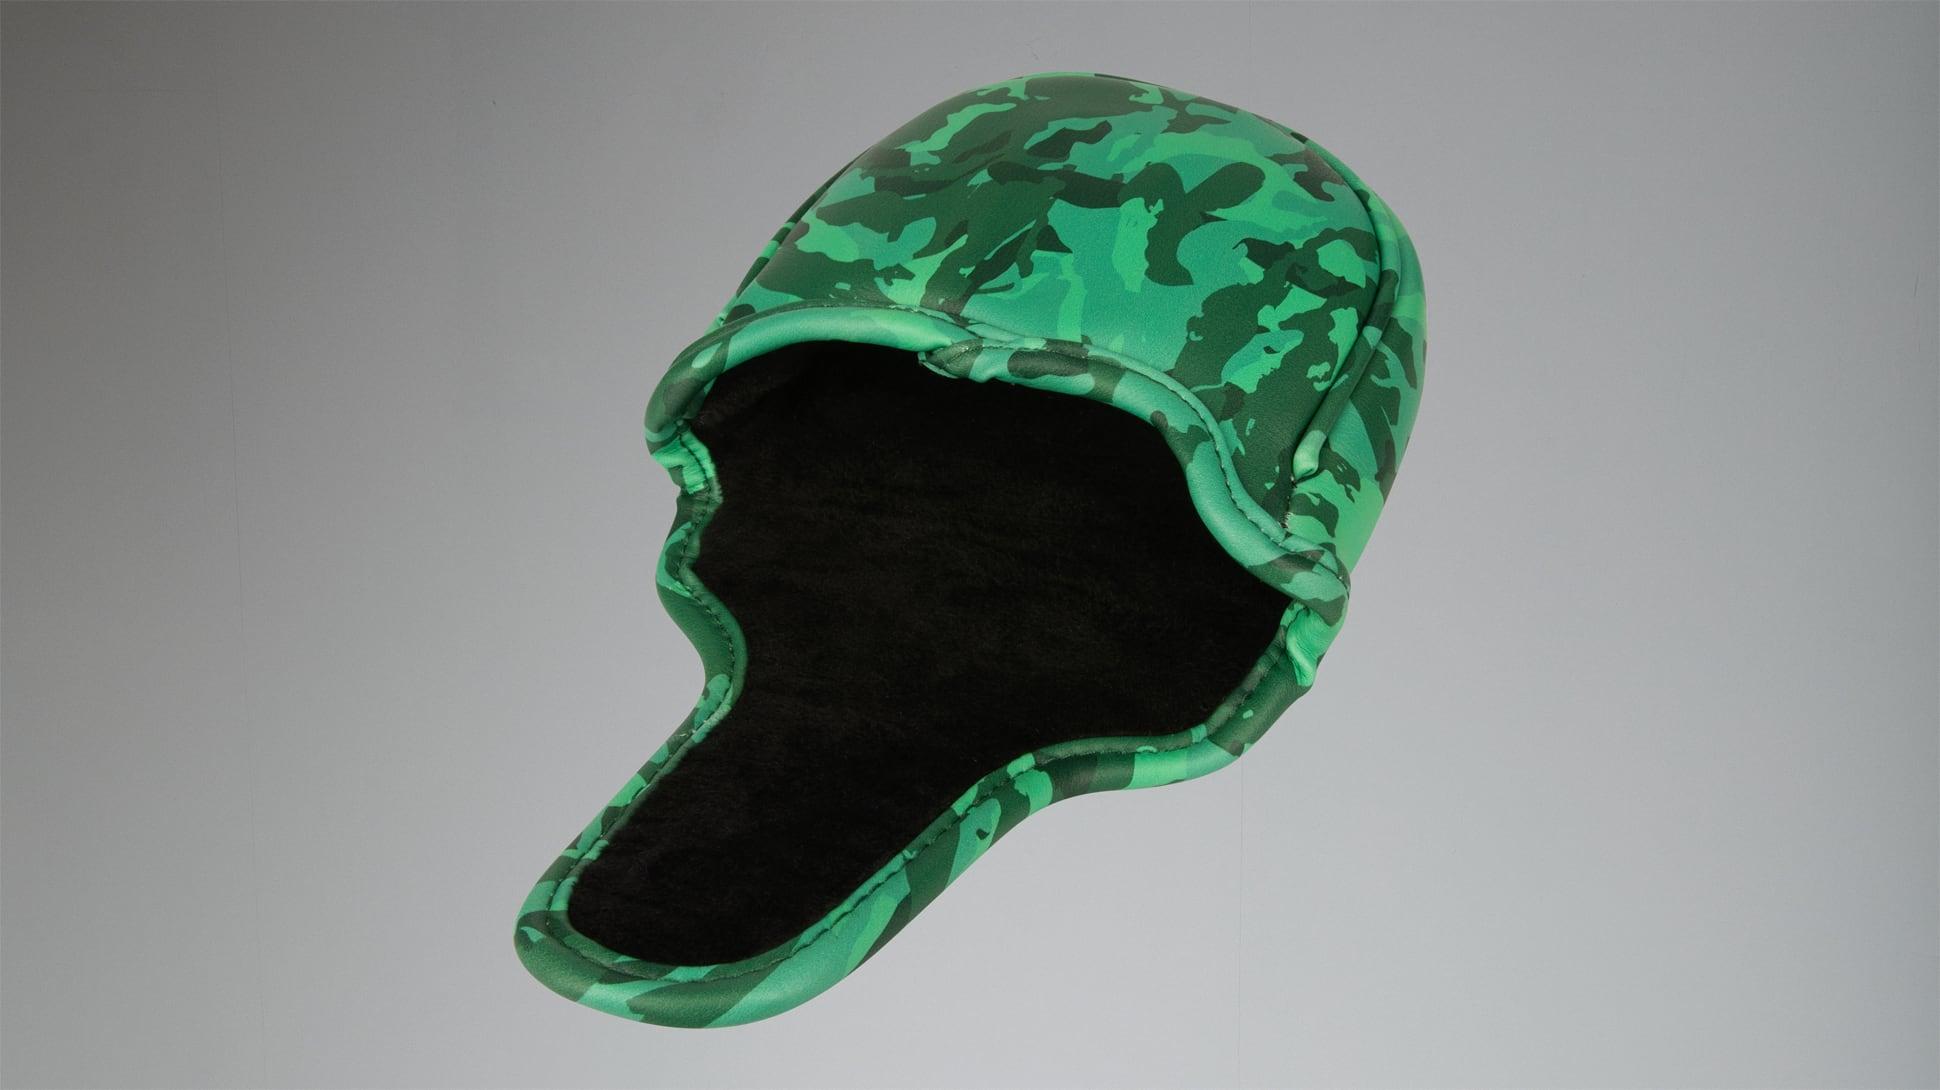 Phoenix Fairway Camo™  Mallet Putter Headcover Image 3